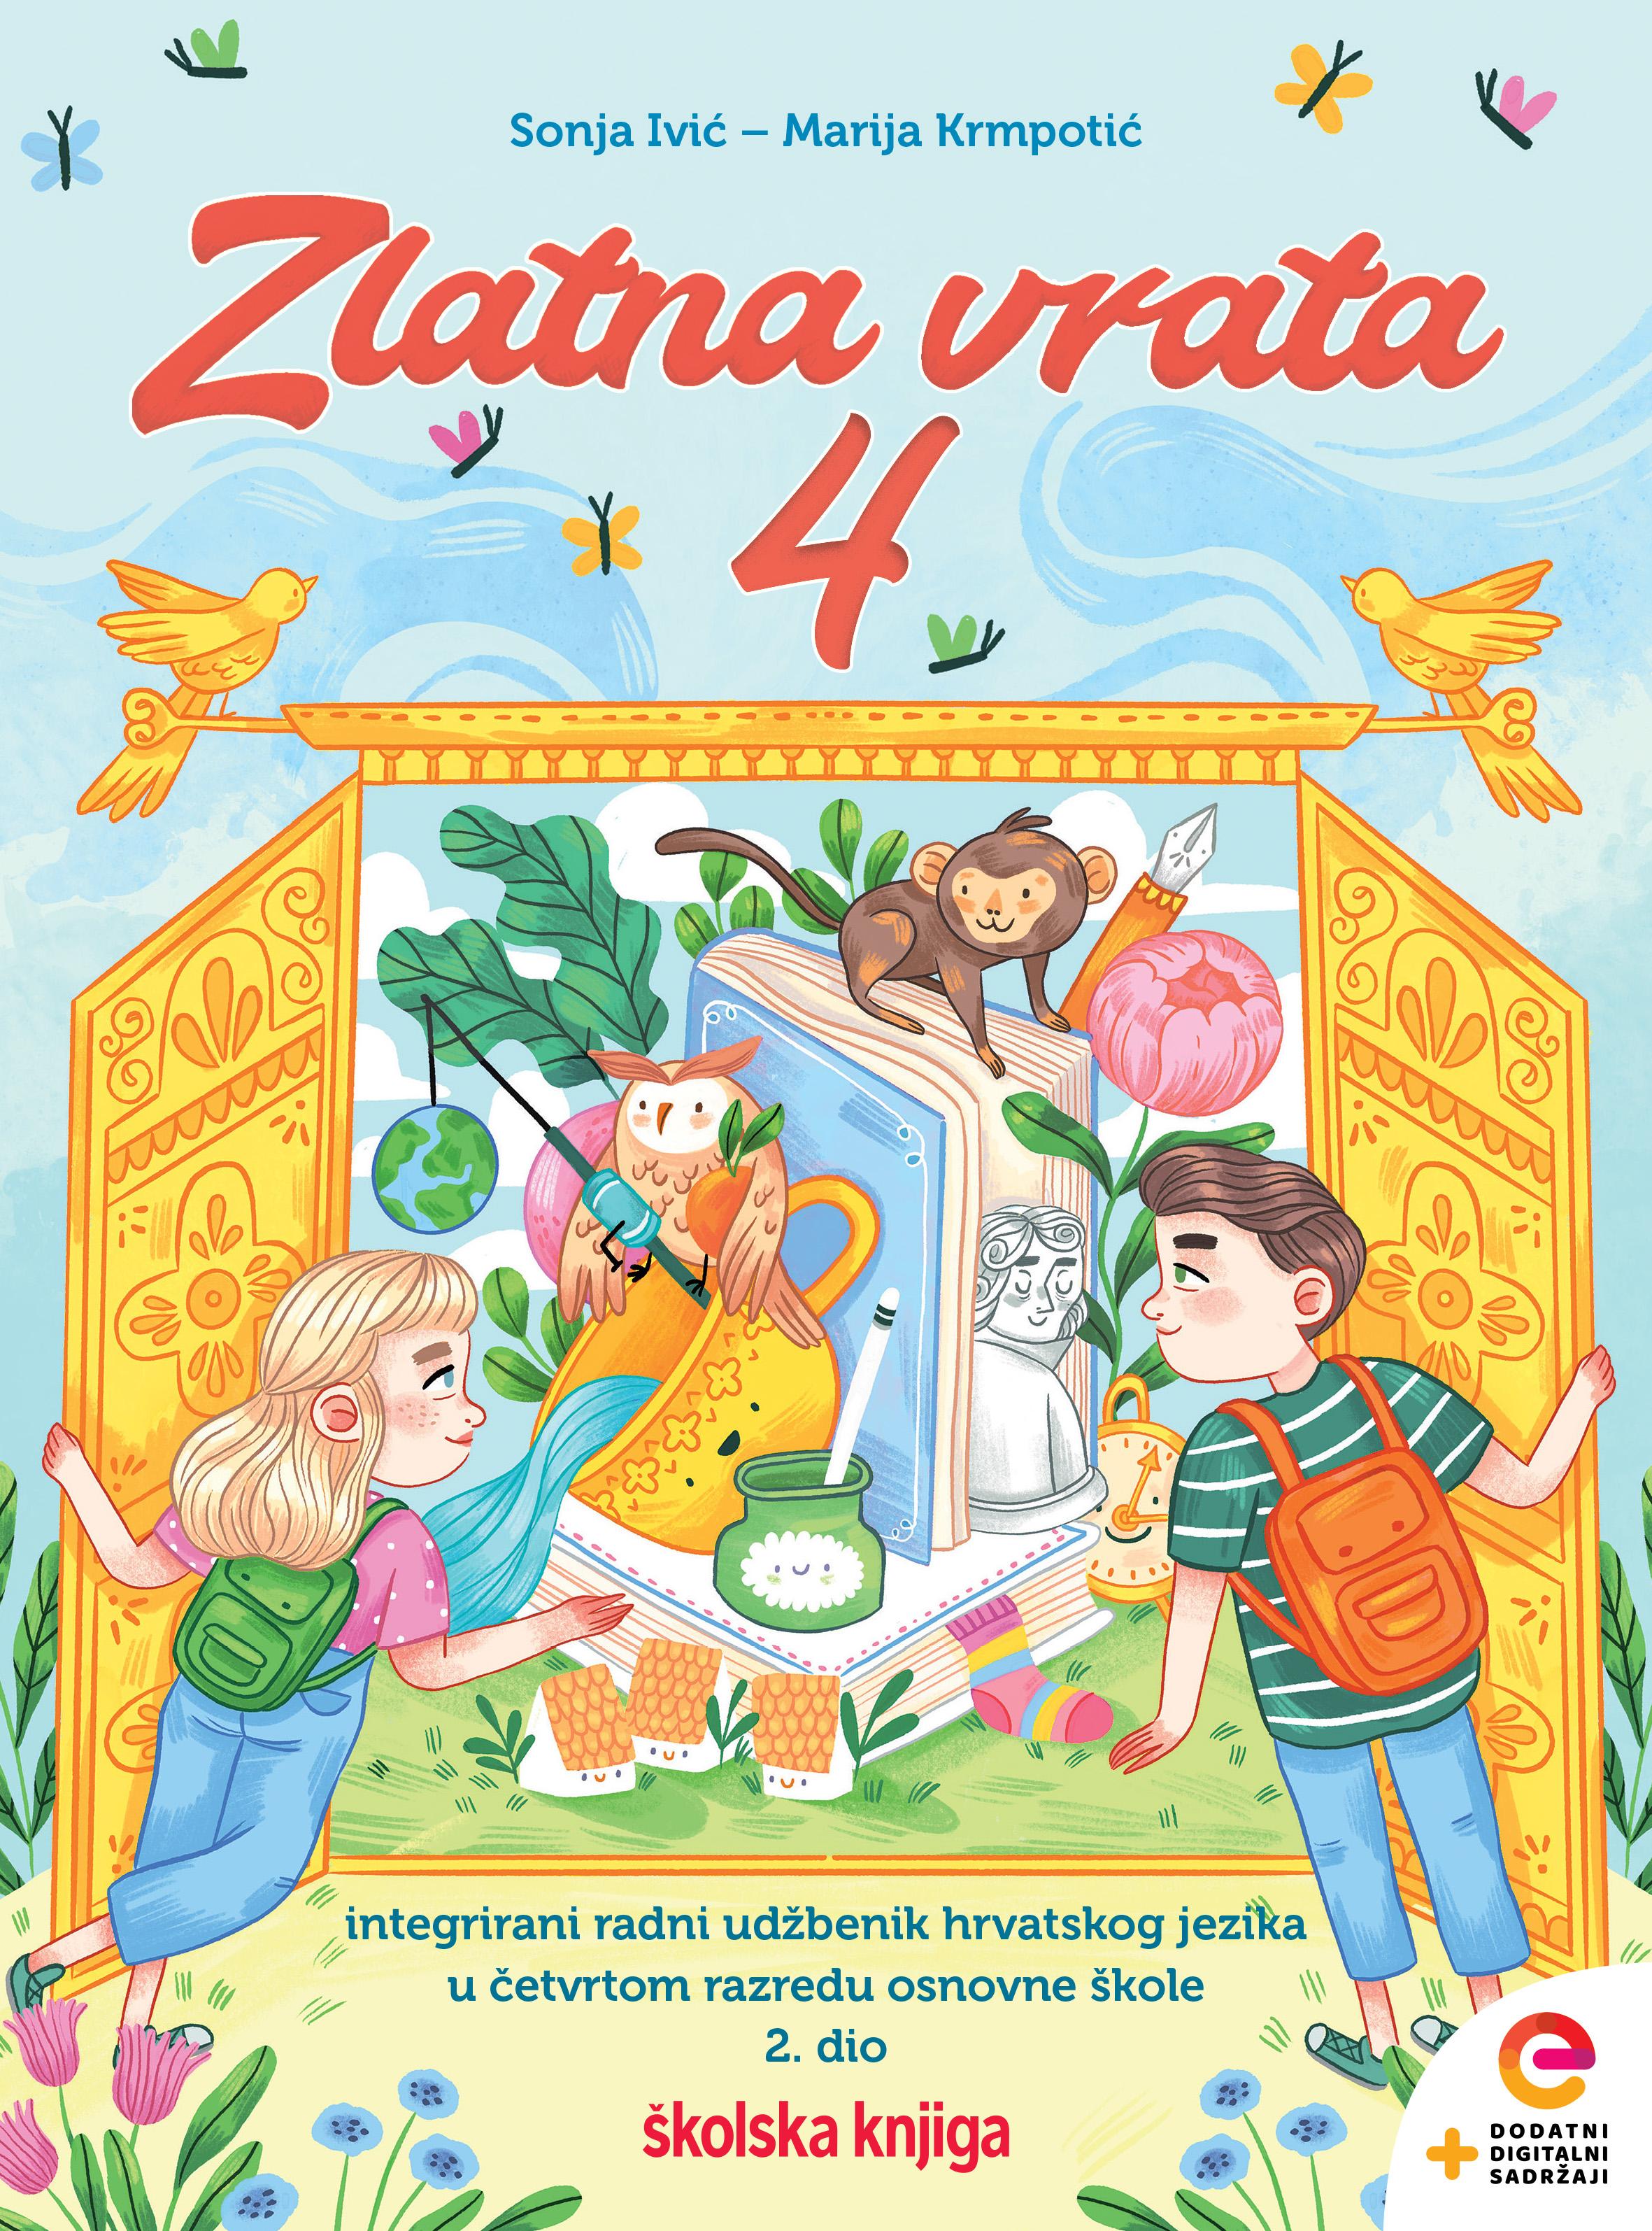 ZLATNA VRATA 4 - integrirani radni udžbenik za pomoć u učenju hrvatskog jezika u četvrtom razredu osnovne škole, 1. i 2. dio- KOMPLET